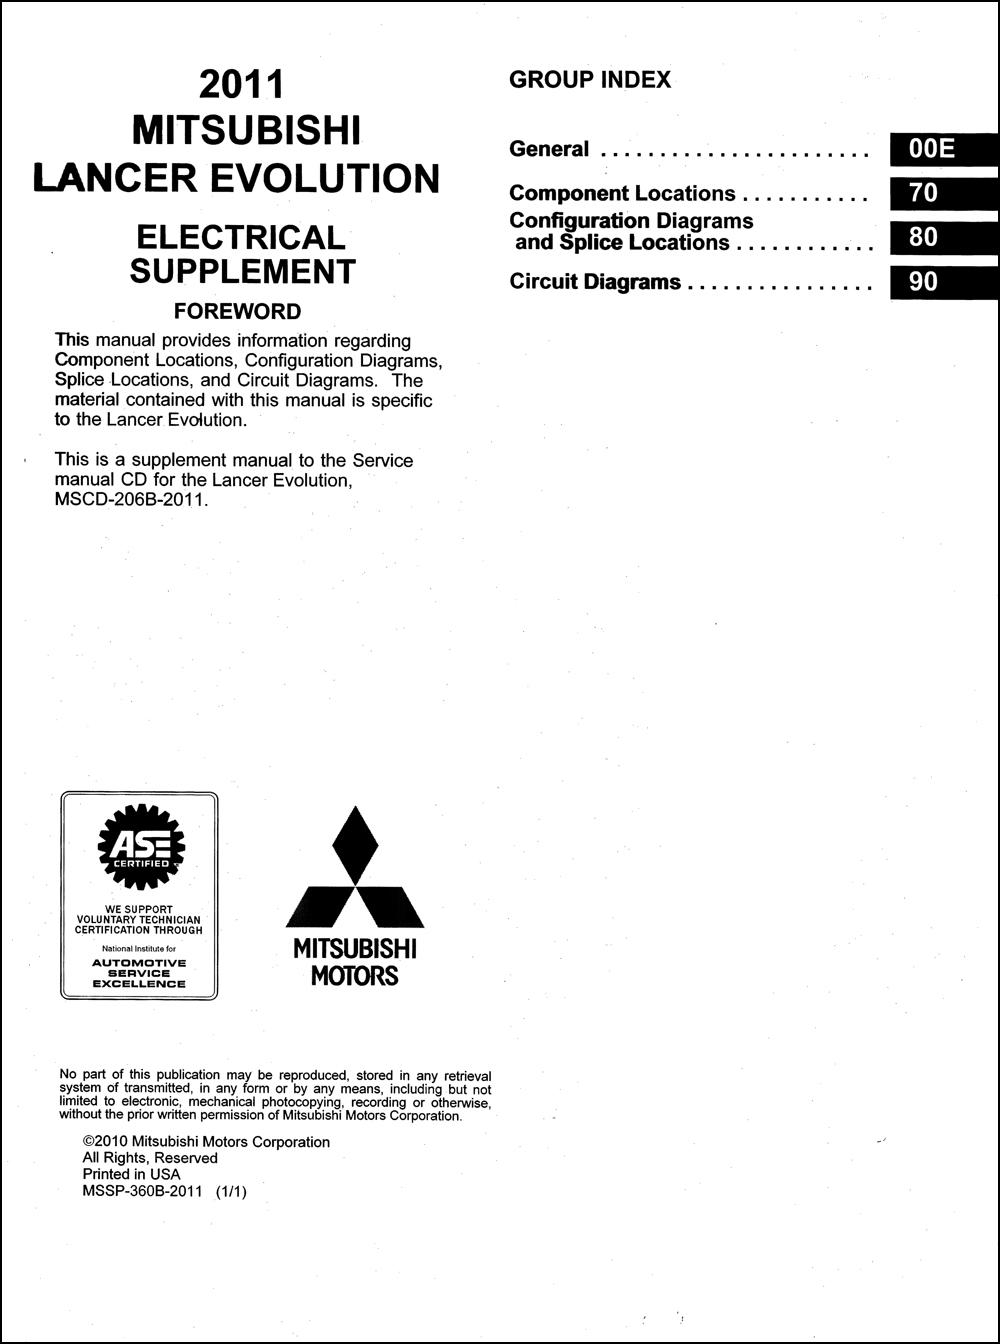 2011 Mitsubishi Lancer Evolution Wiring Diagram Manual